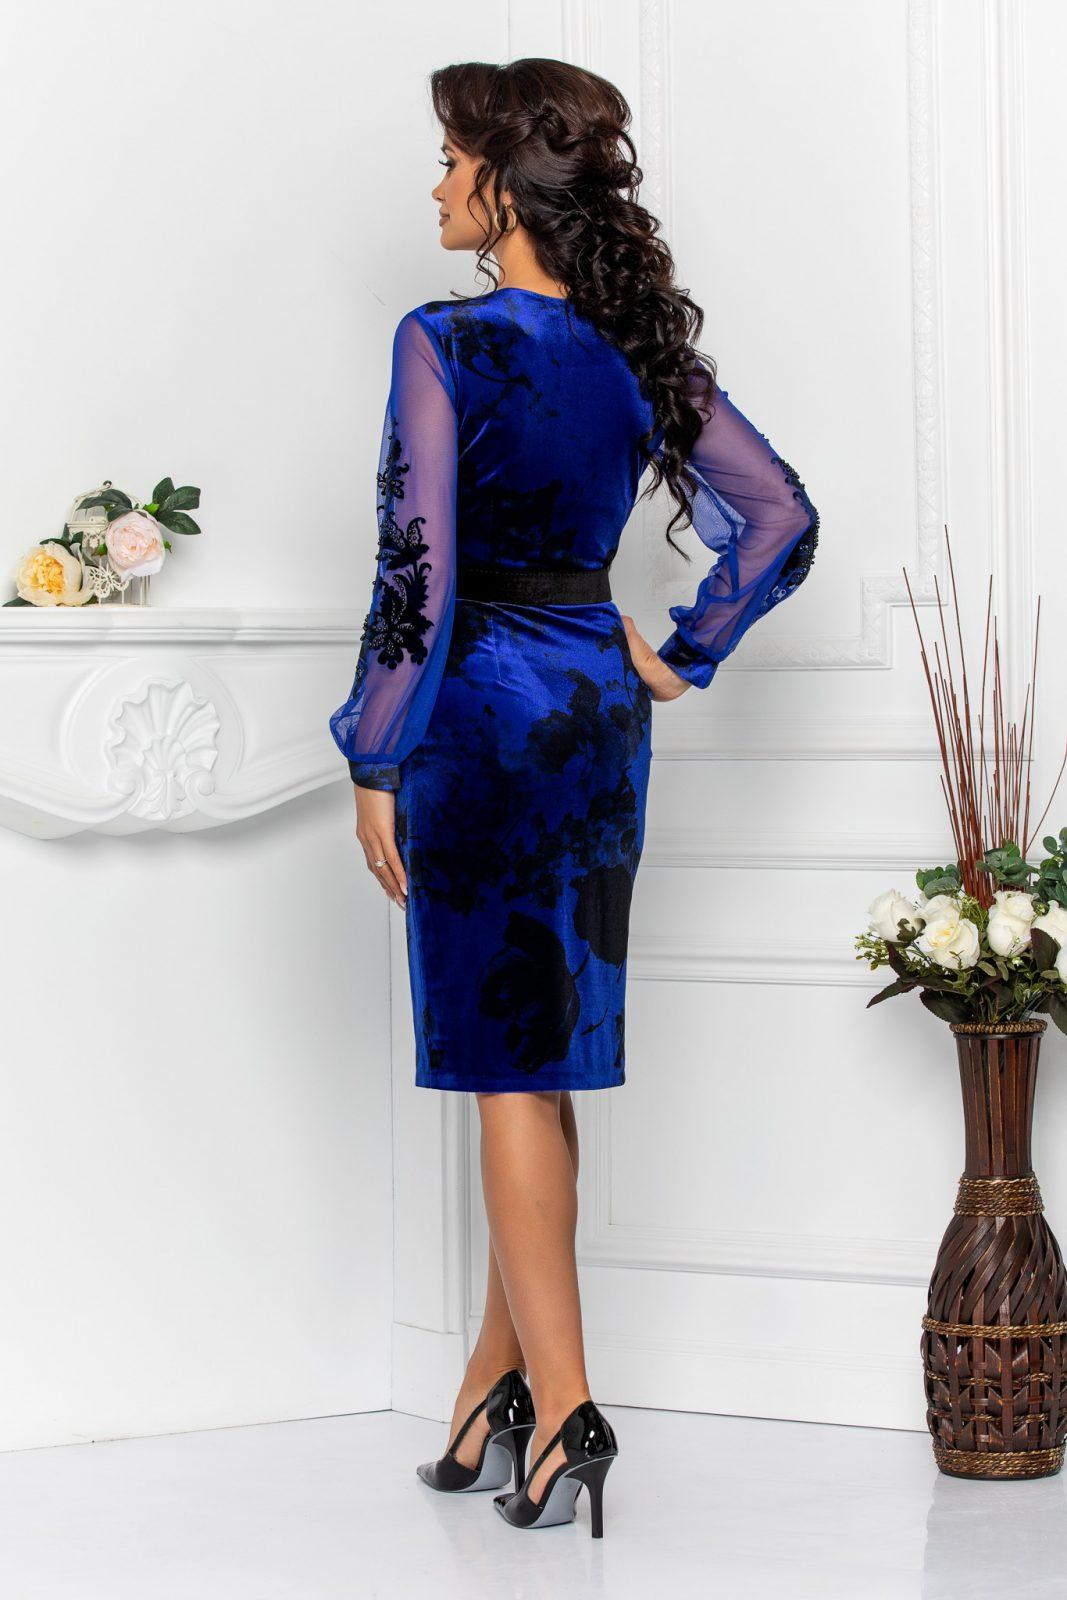 Μπλε Μίντι Βραδινό Φόρεμα Fleur 8547